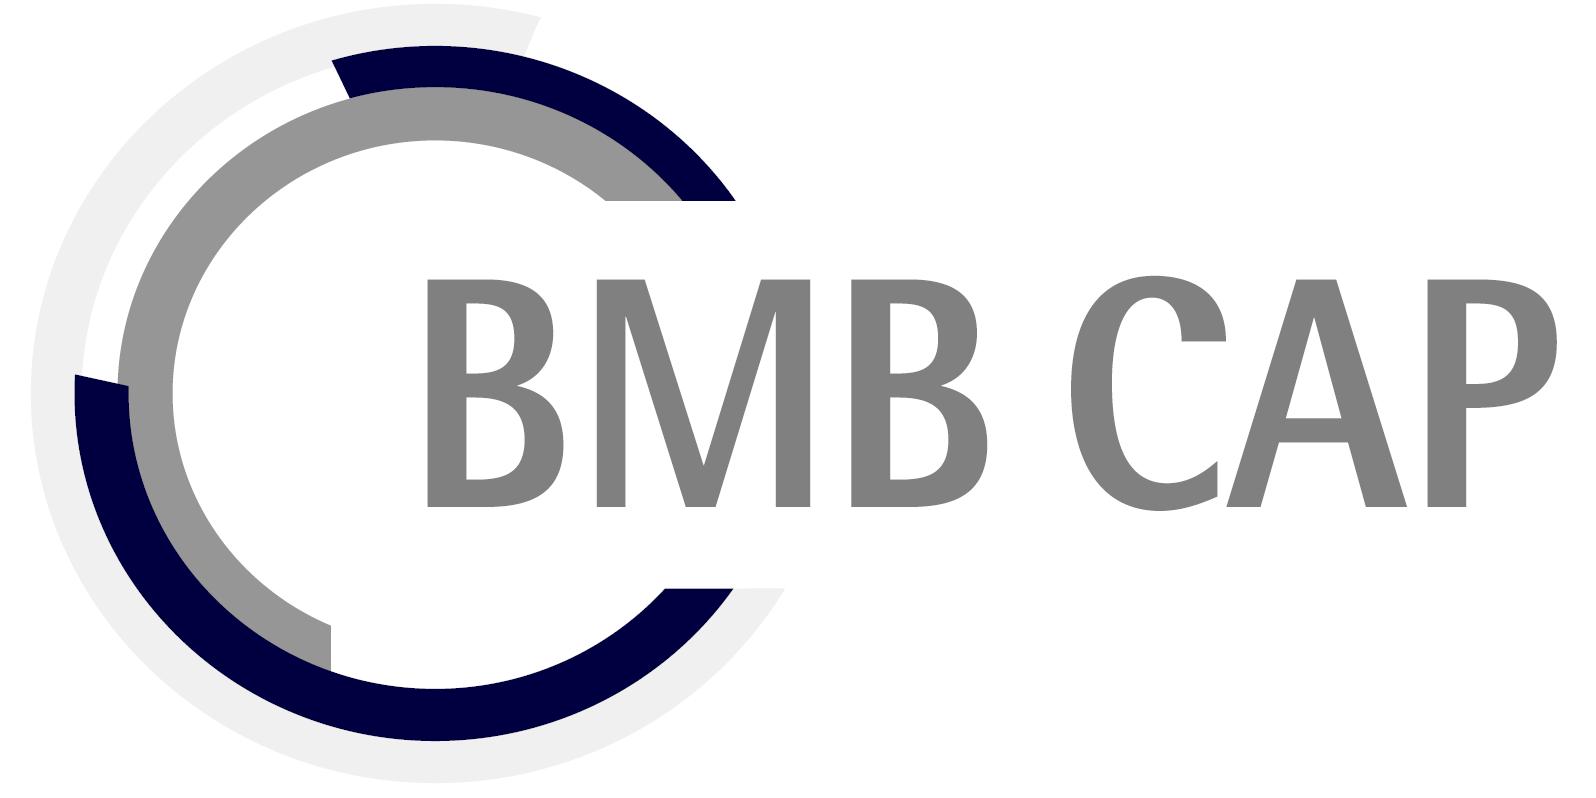 BMBCAP.es